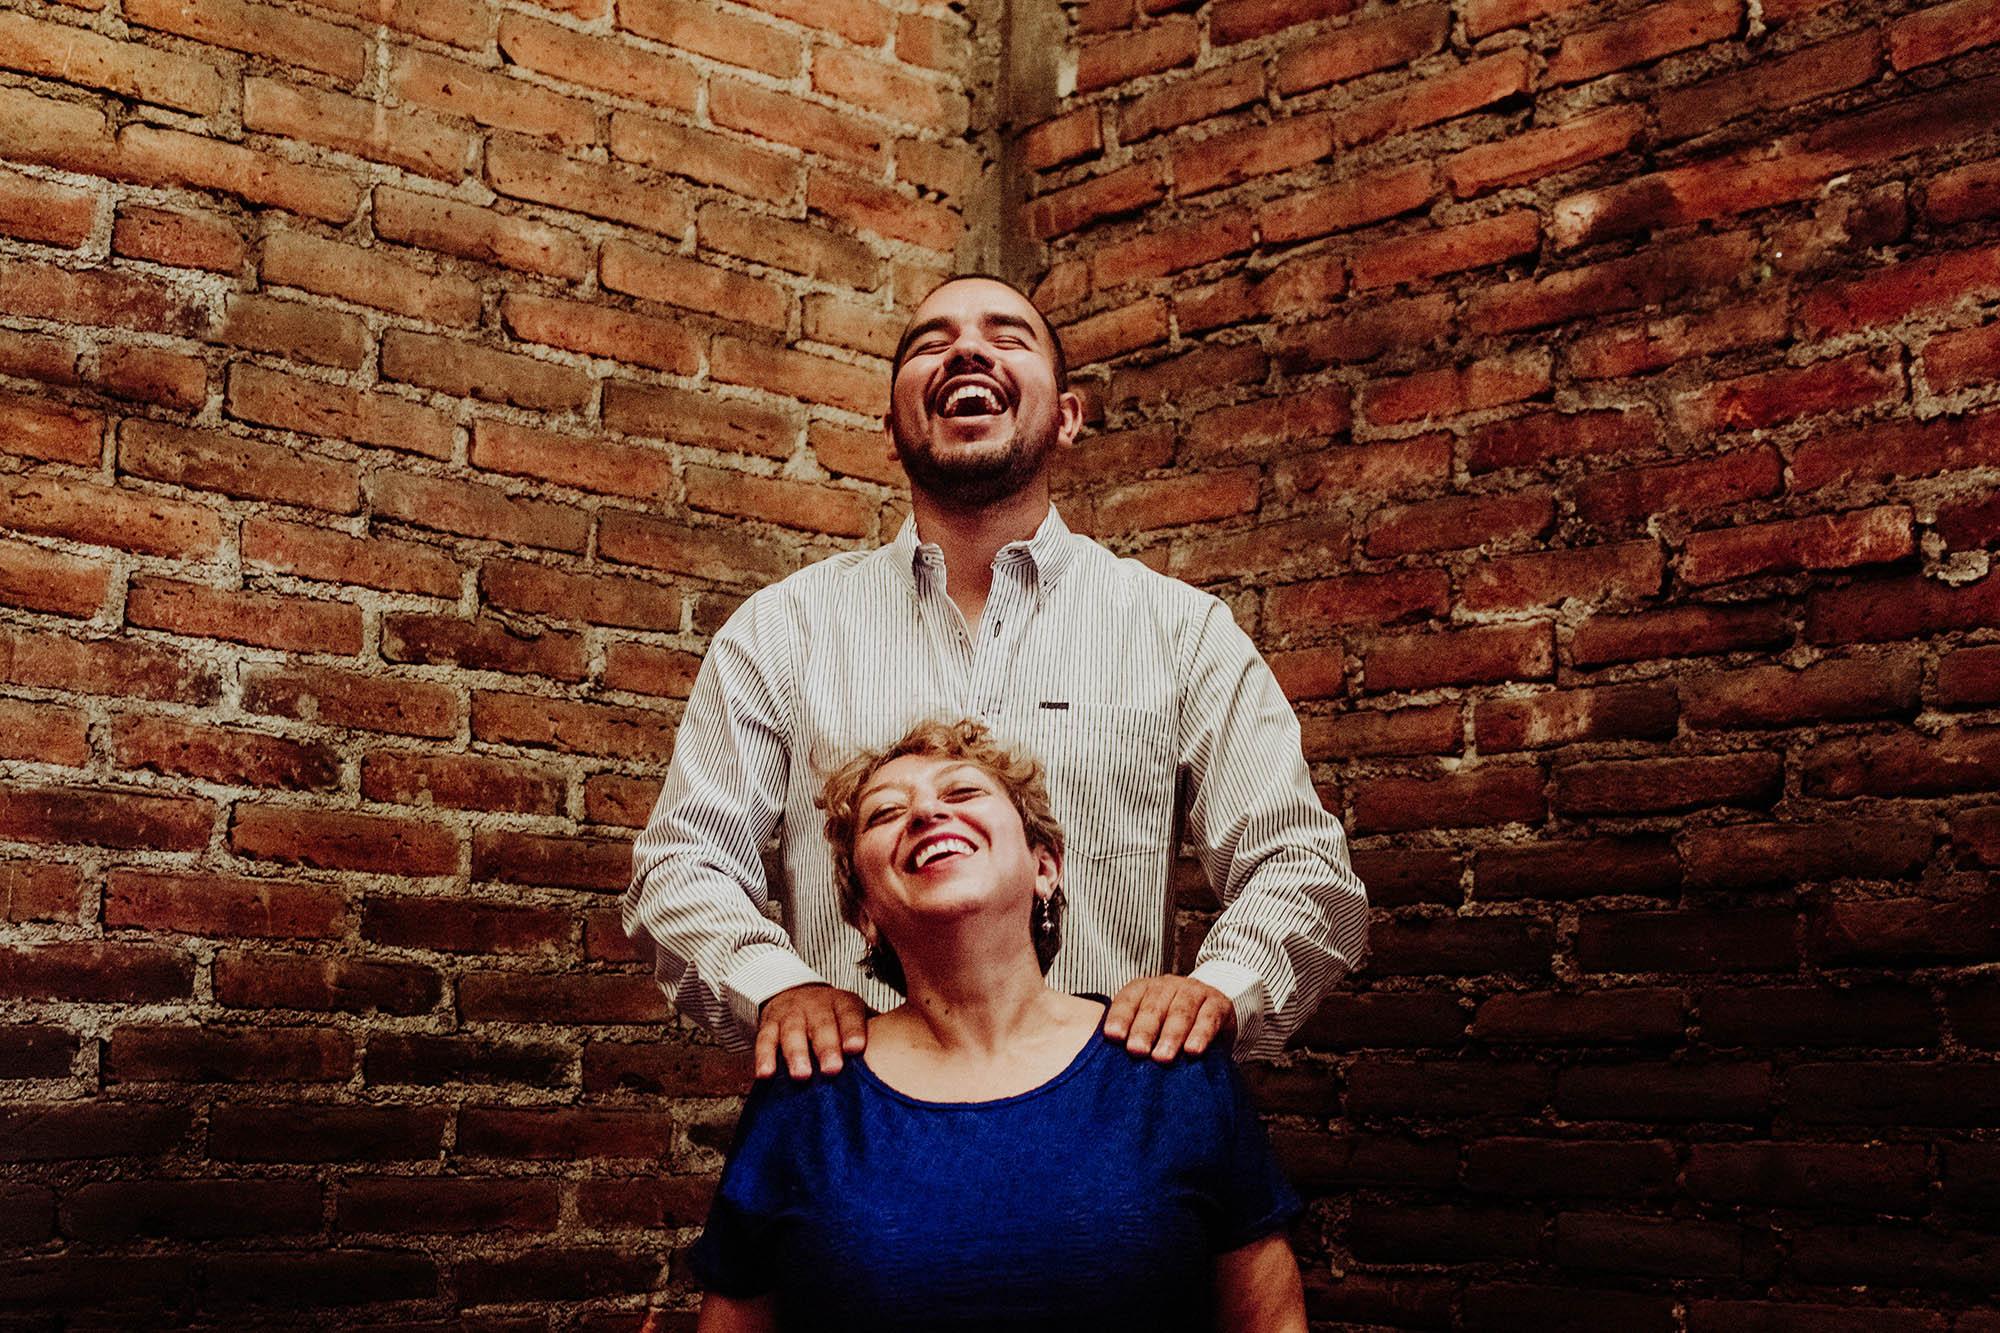 retratos de familia juan luis jimenez fotografo 3.jpg